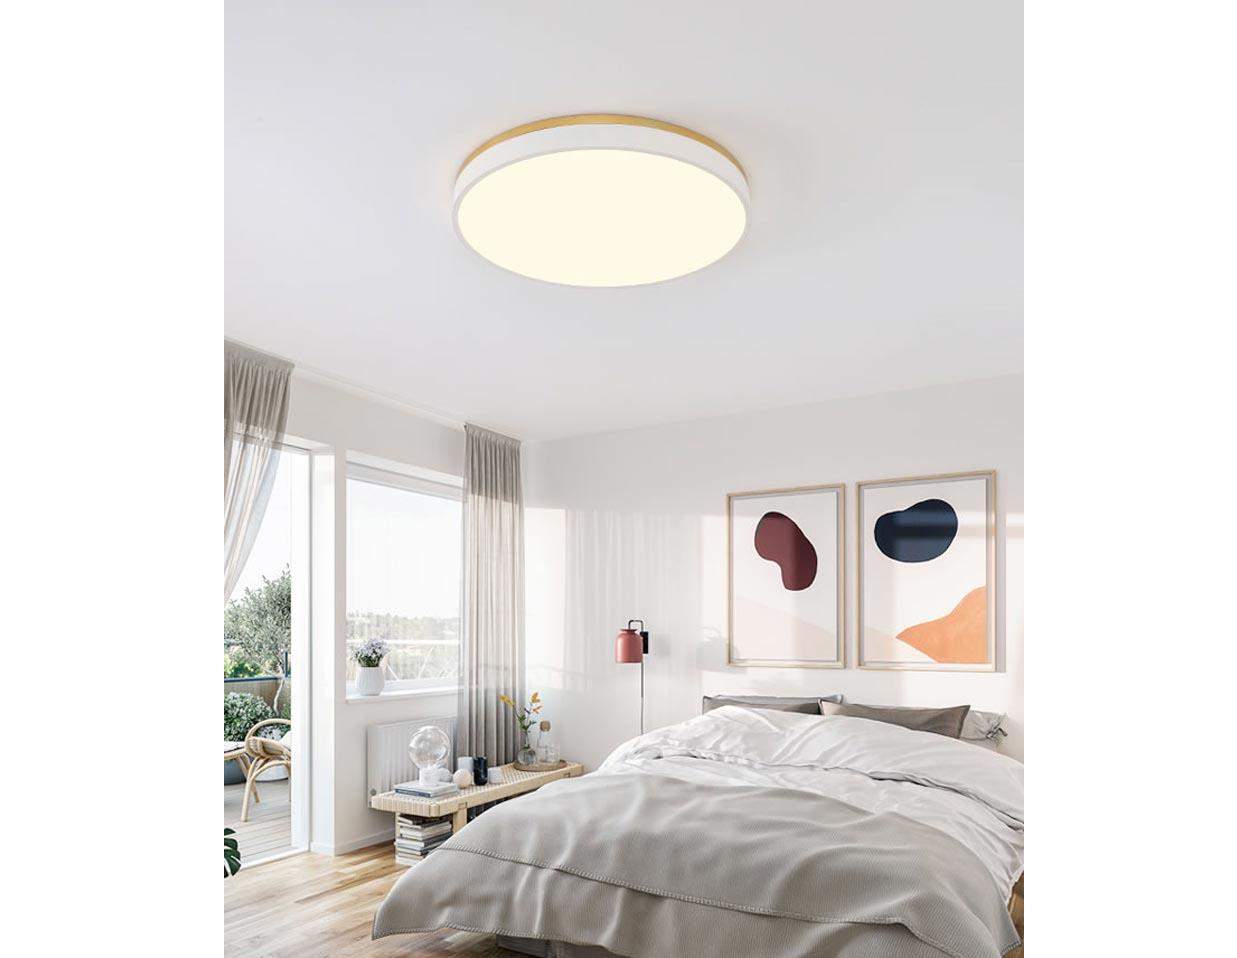 Đèn ốp trần cho phòng ngủ